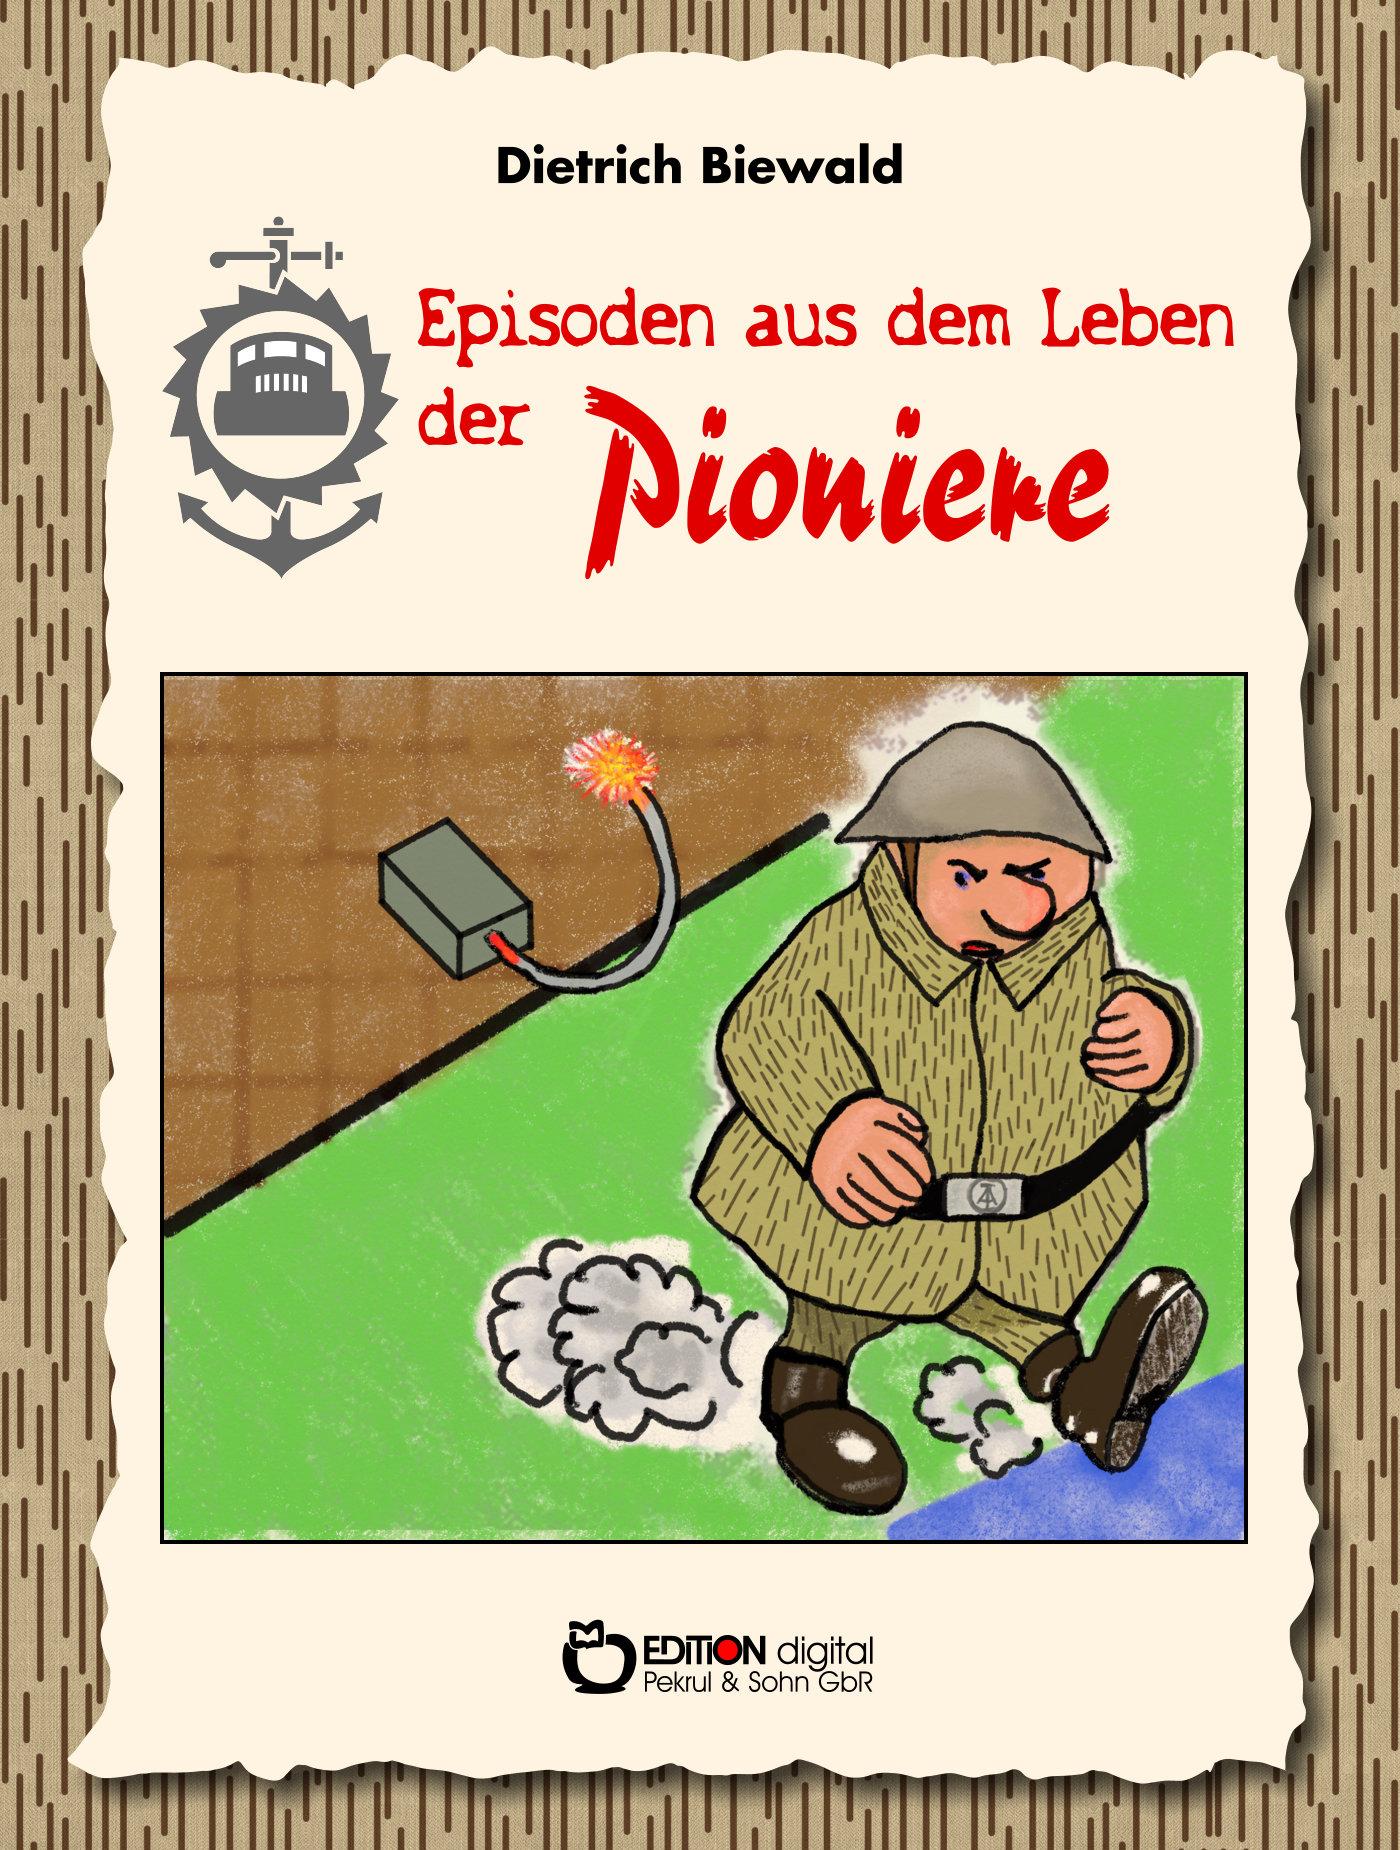 Episoden aus dem Leben der Pioniere von Dietrich Biewald